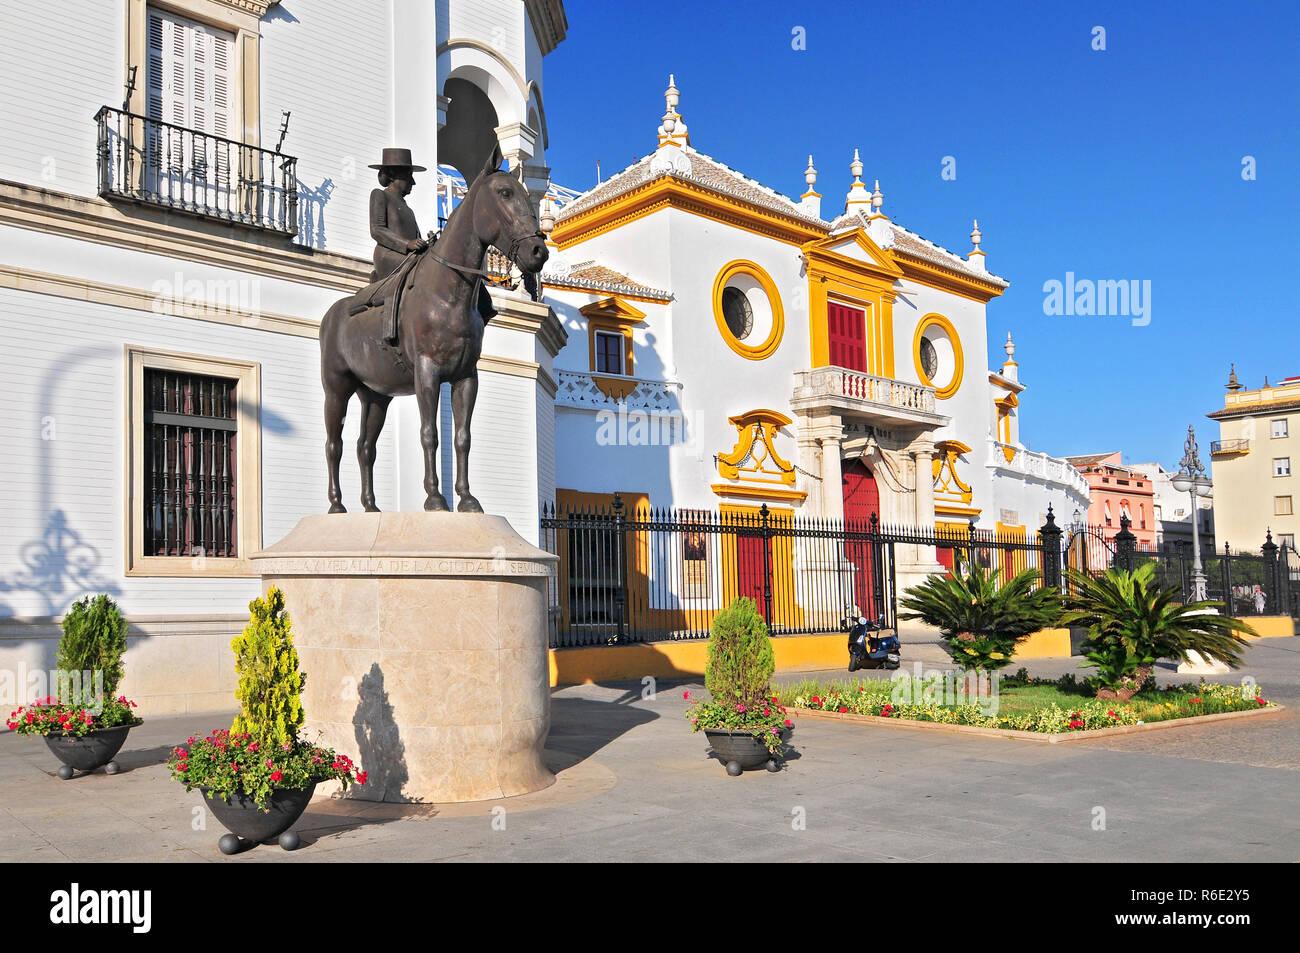 Plaza De Toros De La Real Maestranza De Caballeria De Sevilla, The Baroque Facade Of The Bullring, Spain, Andalusia - Stock Image